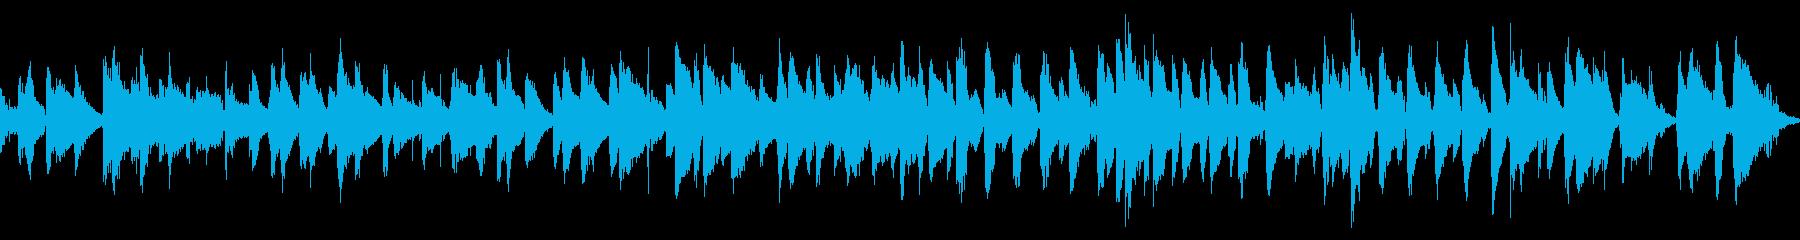 おしゃれなバーをイメージしたピアノジャズの再生済みの波形